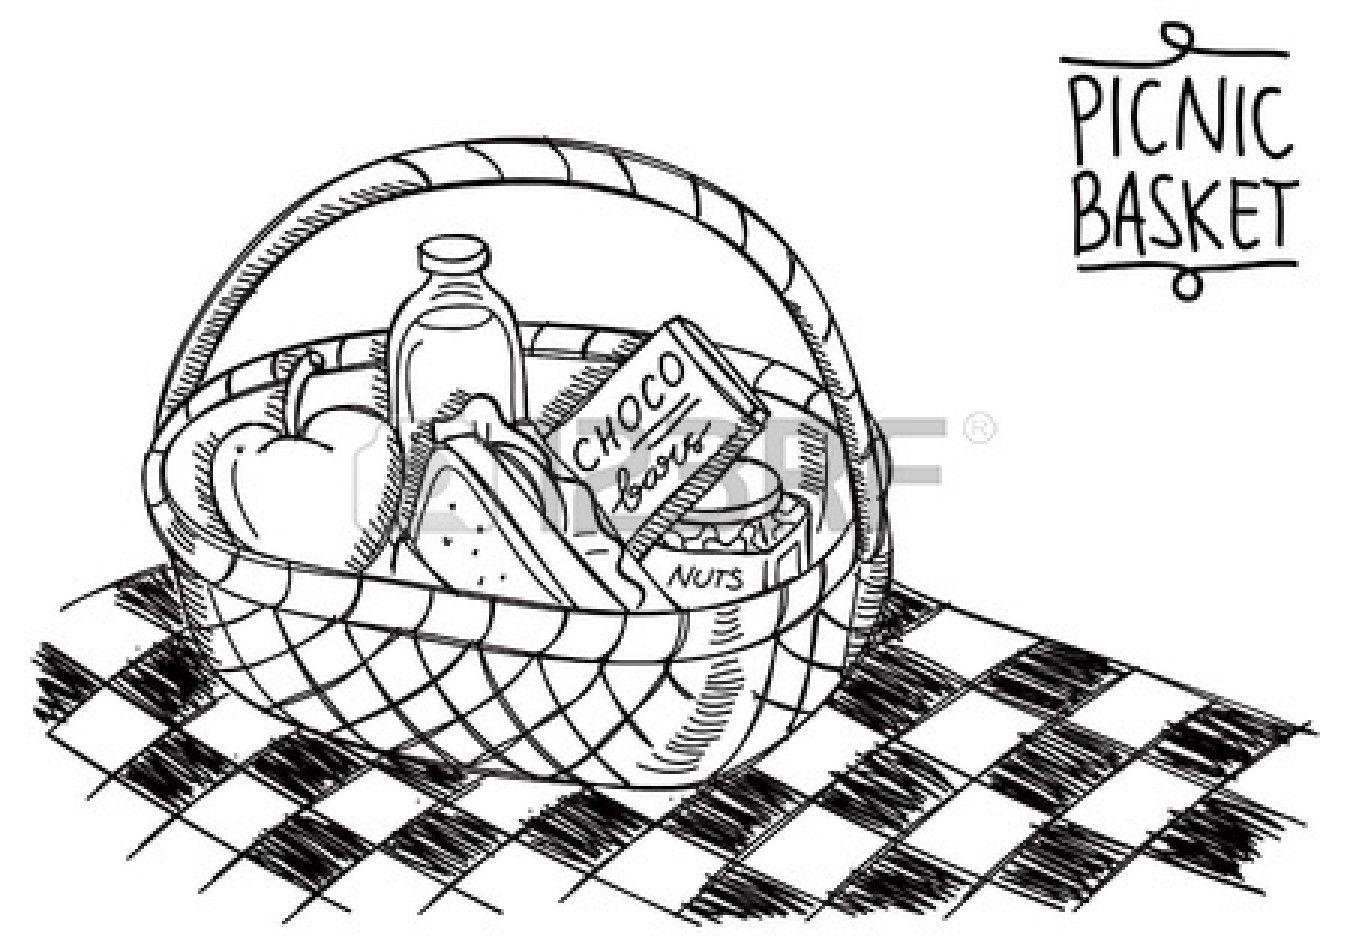 Picnic Basket In Doodle Style Basket Drawing Doodles Vintage Picnic